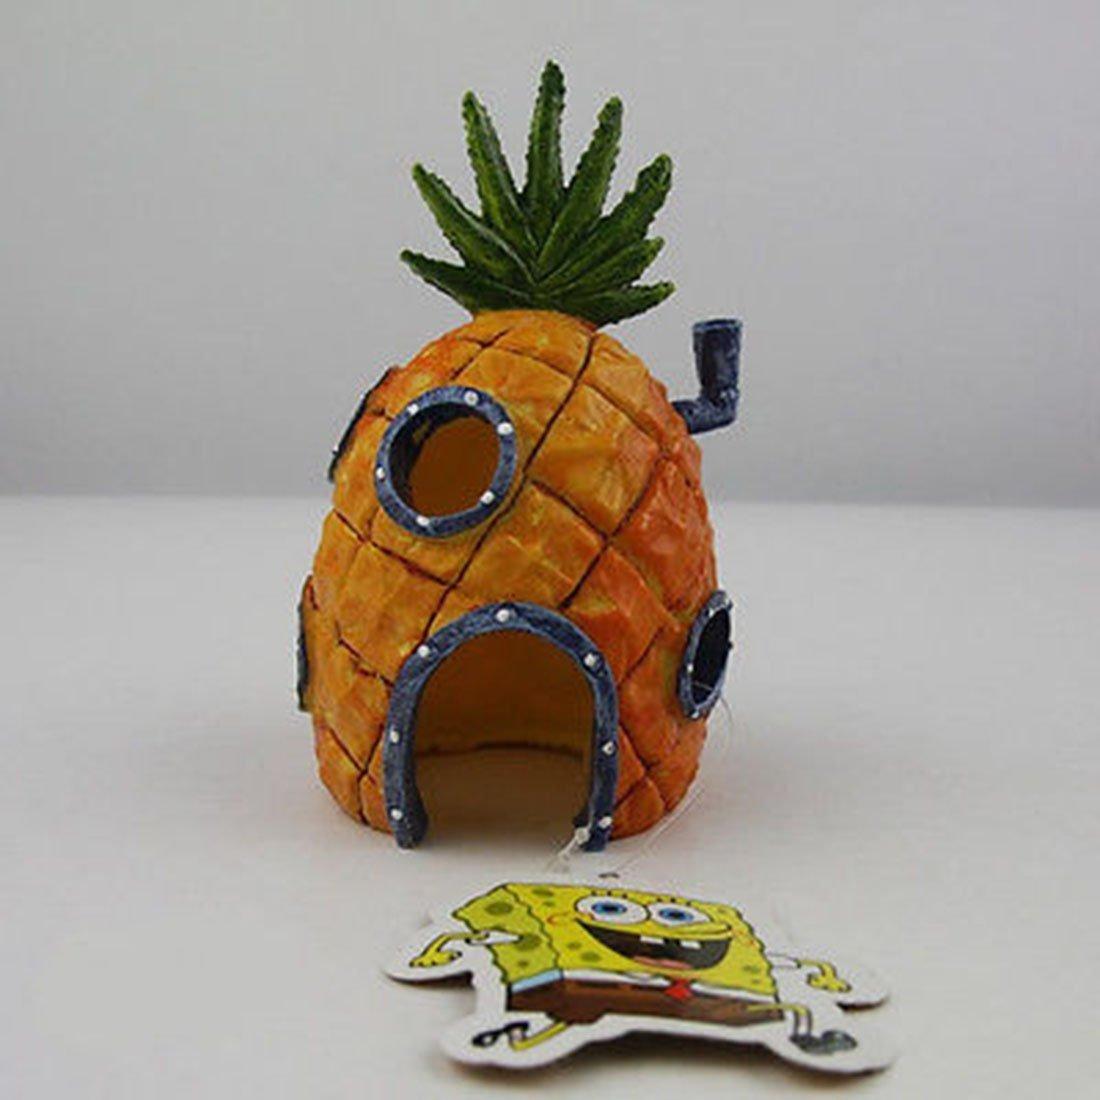 Casa De Piña Adorno de Acuario Decoración paisajismo dibujos animados Home Mini Luwu-Store SHOMLU3733